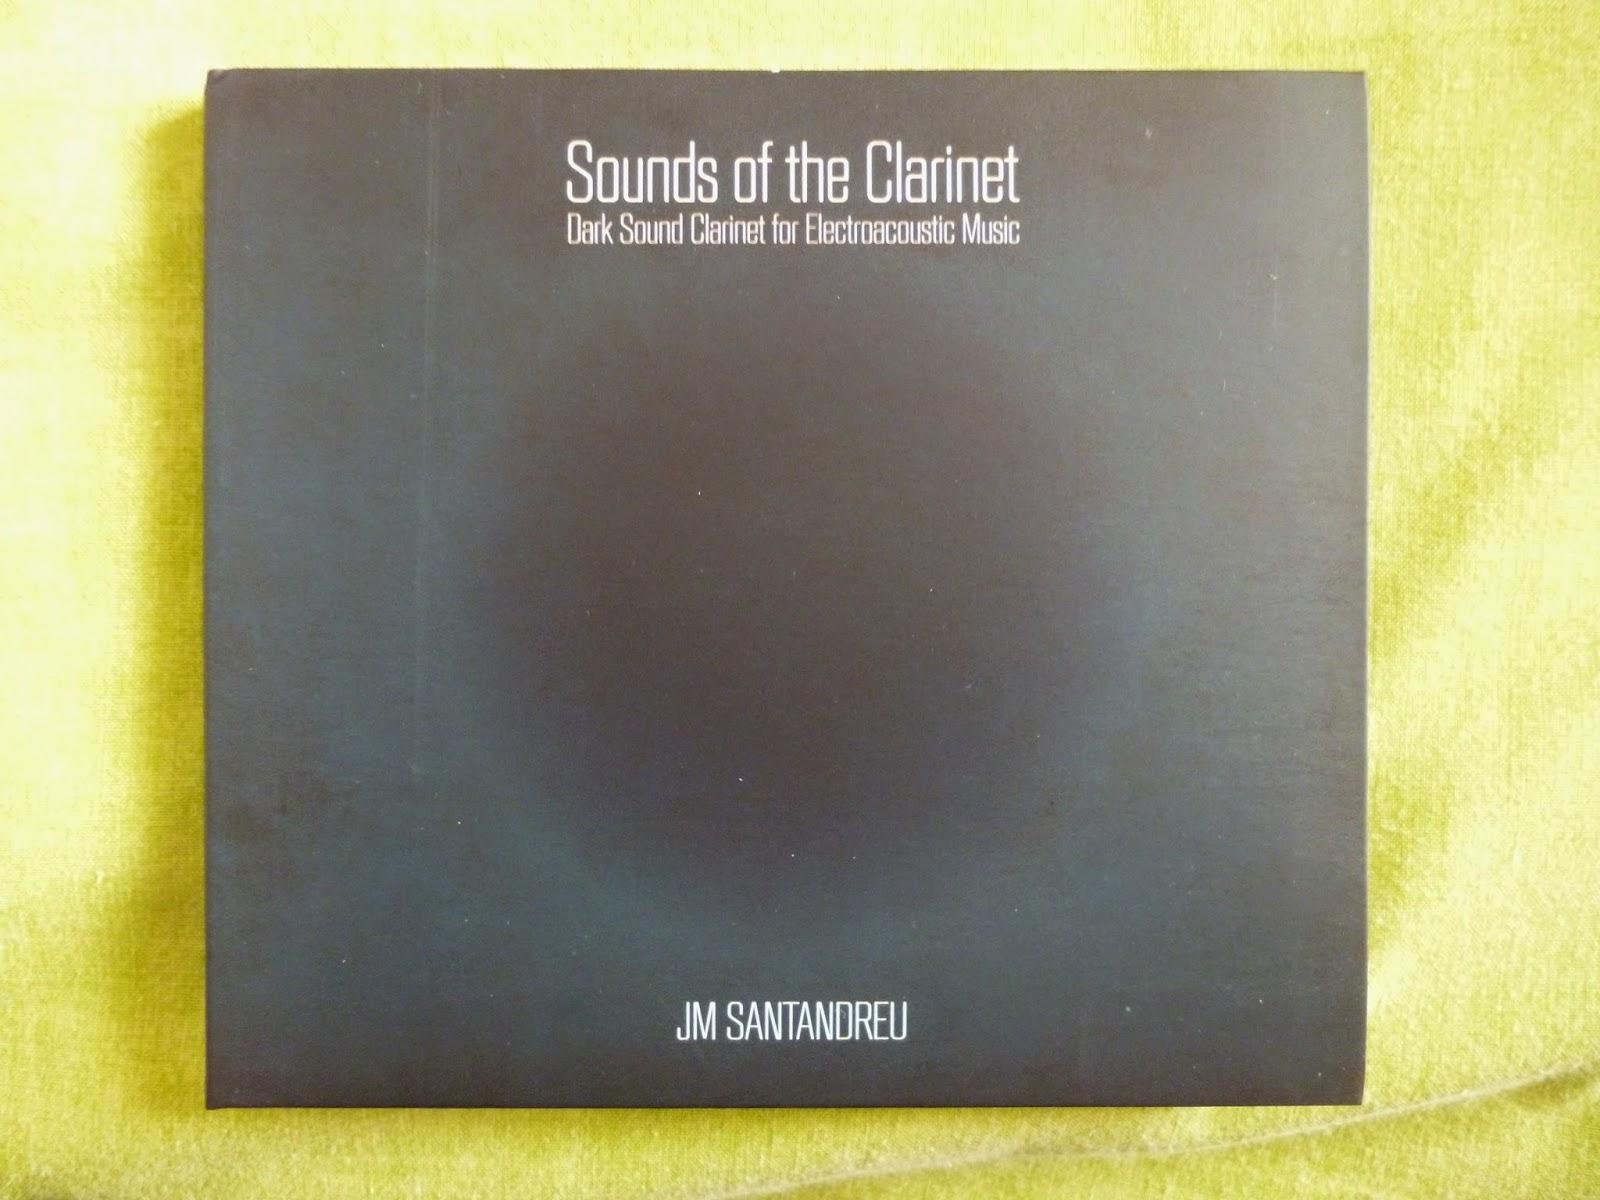 Sounds for clarimet santandreu